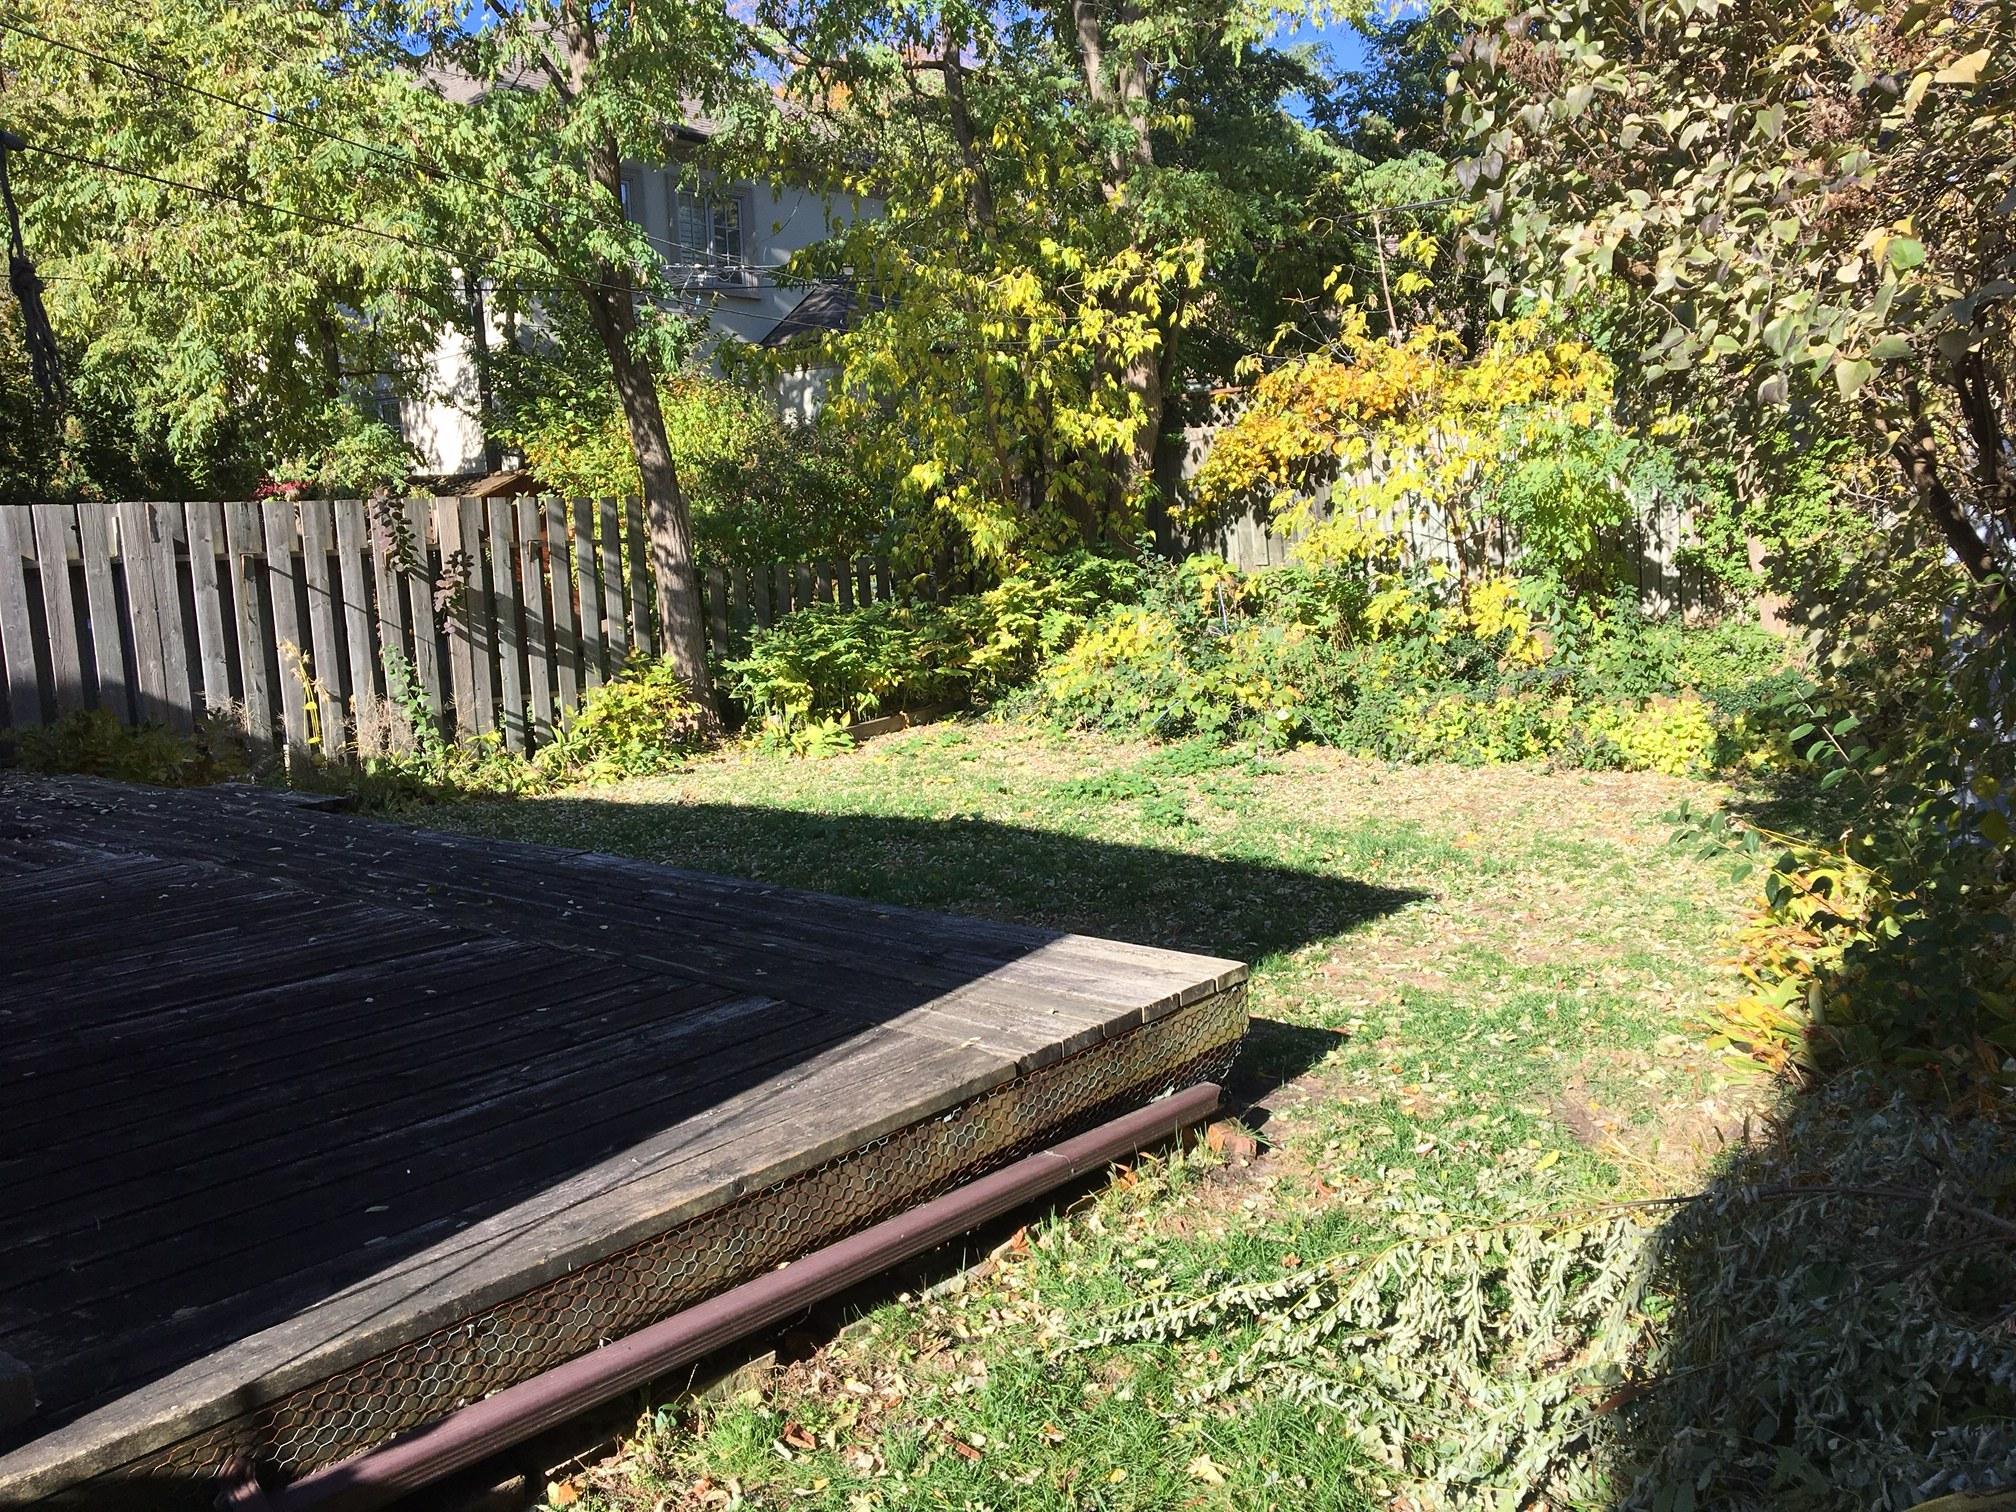 340 backyard.JPG